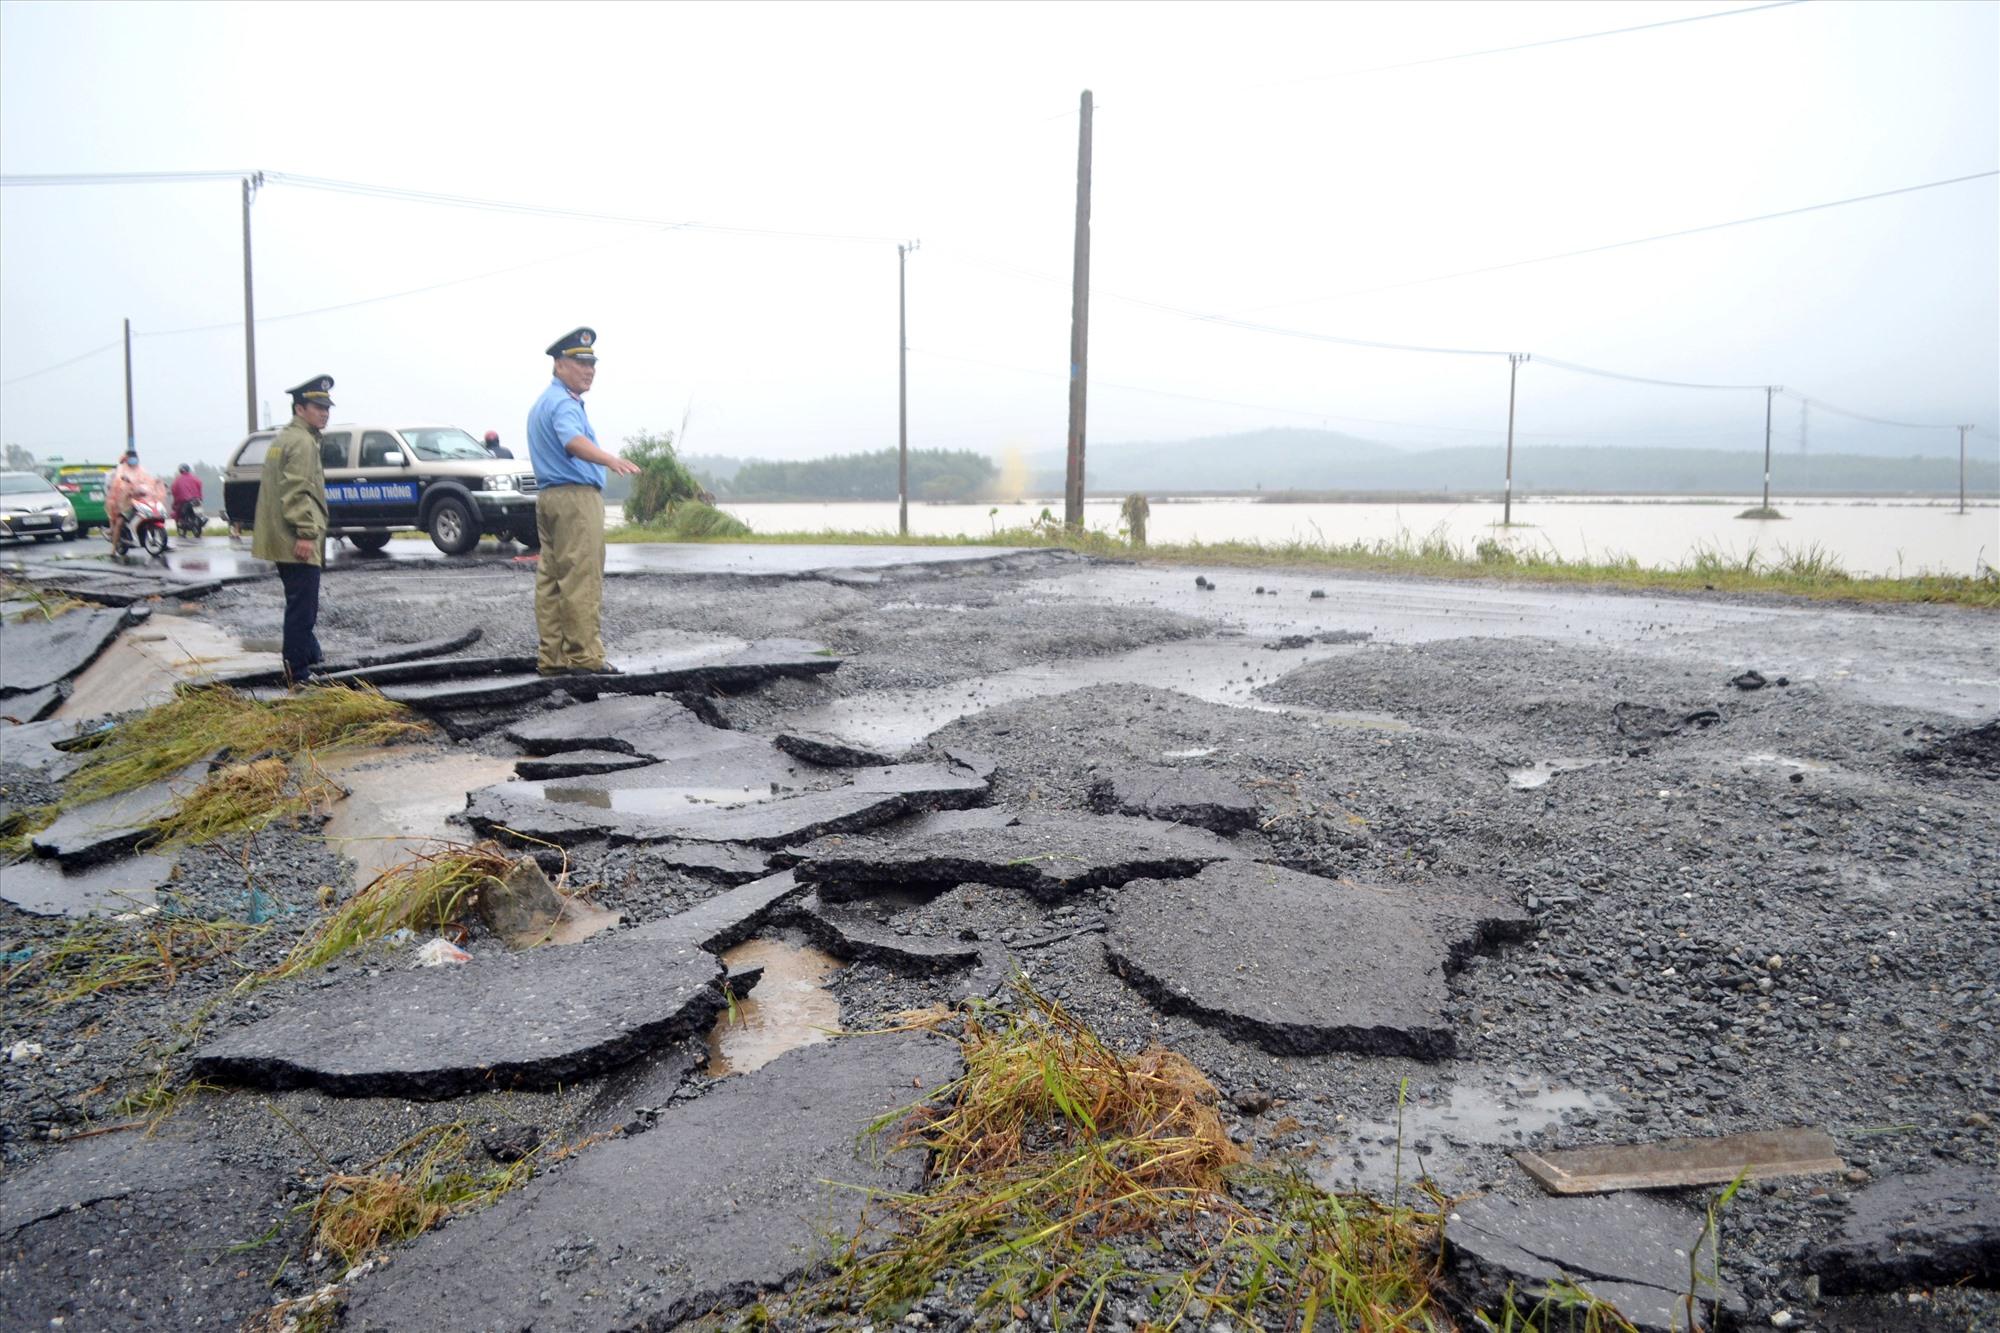 Mặt đường phía tây cầu Đại Hiệp (Đại Lộc) trên tuyến ĐT609B bị nước lũ cuốn trôi. Ảnh: C.T